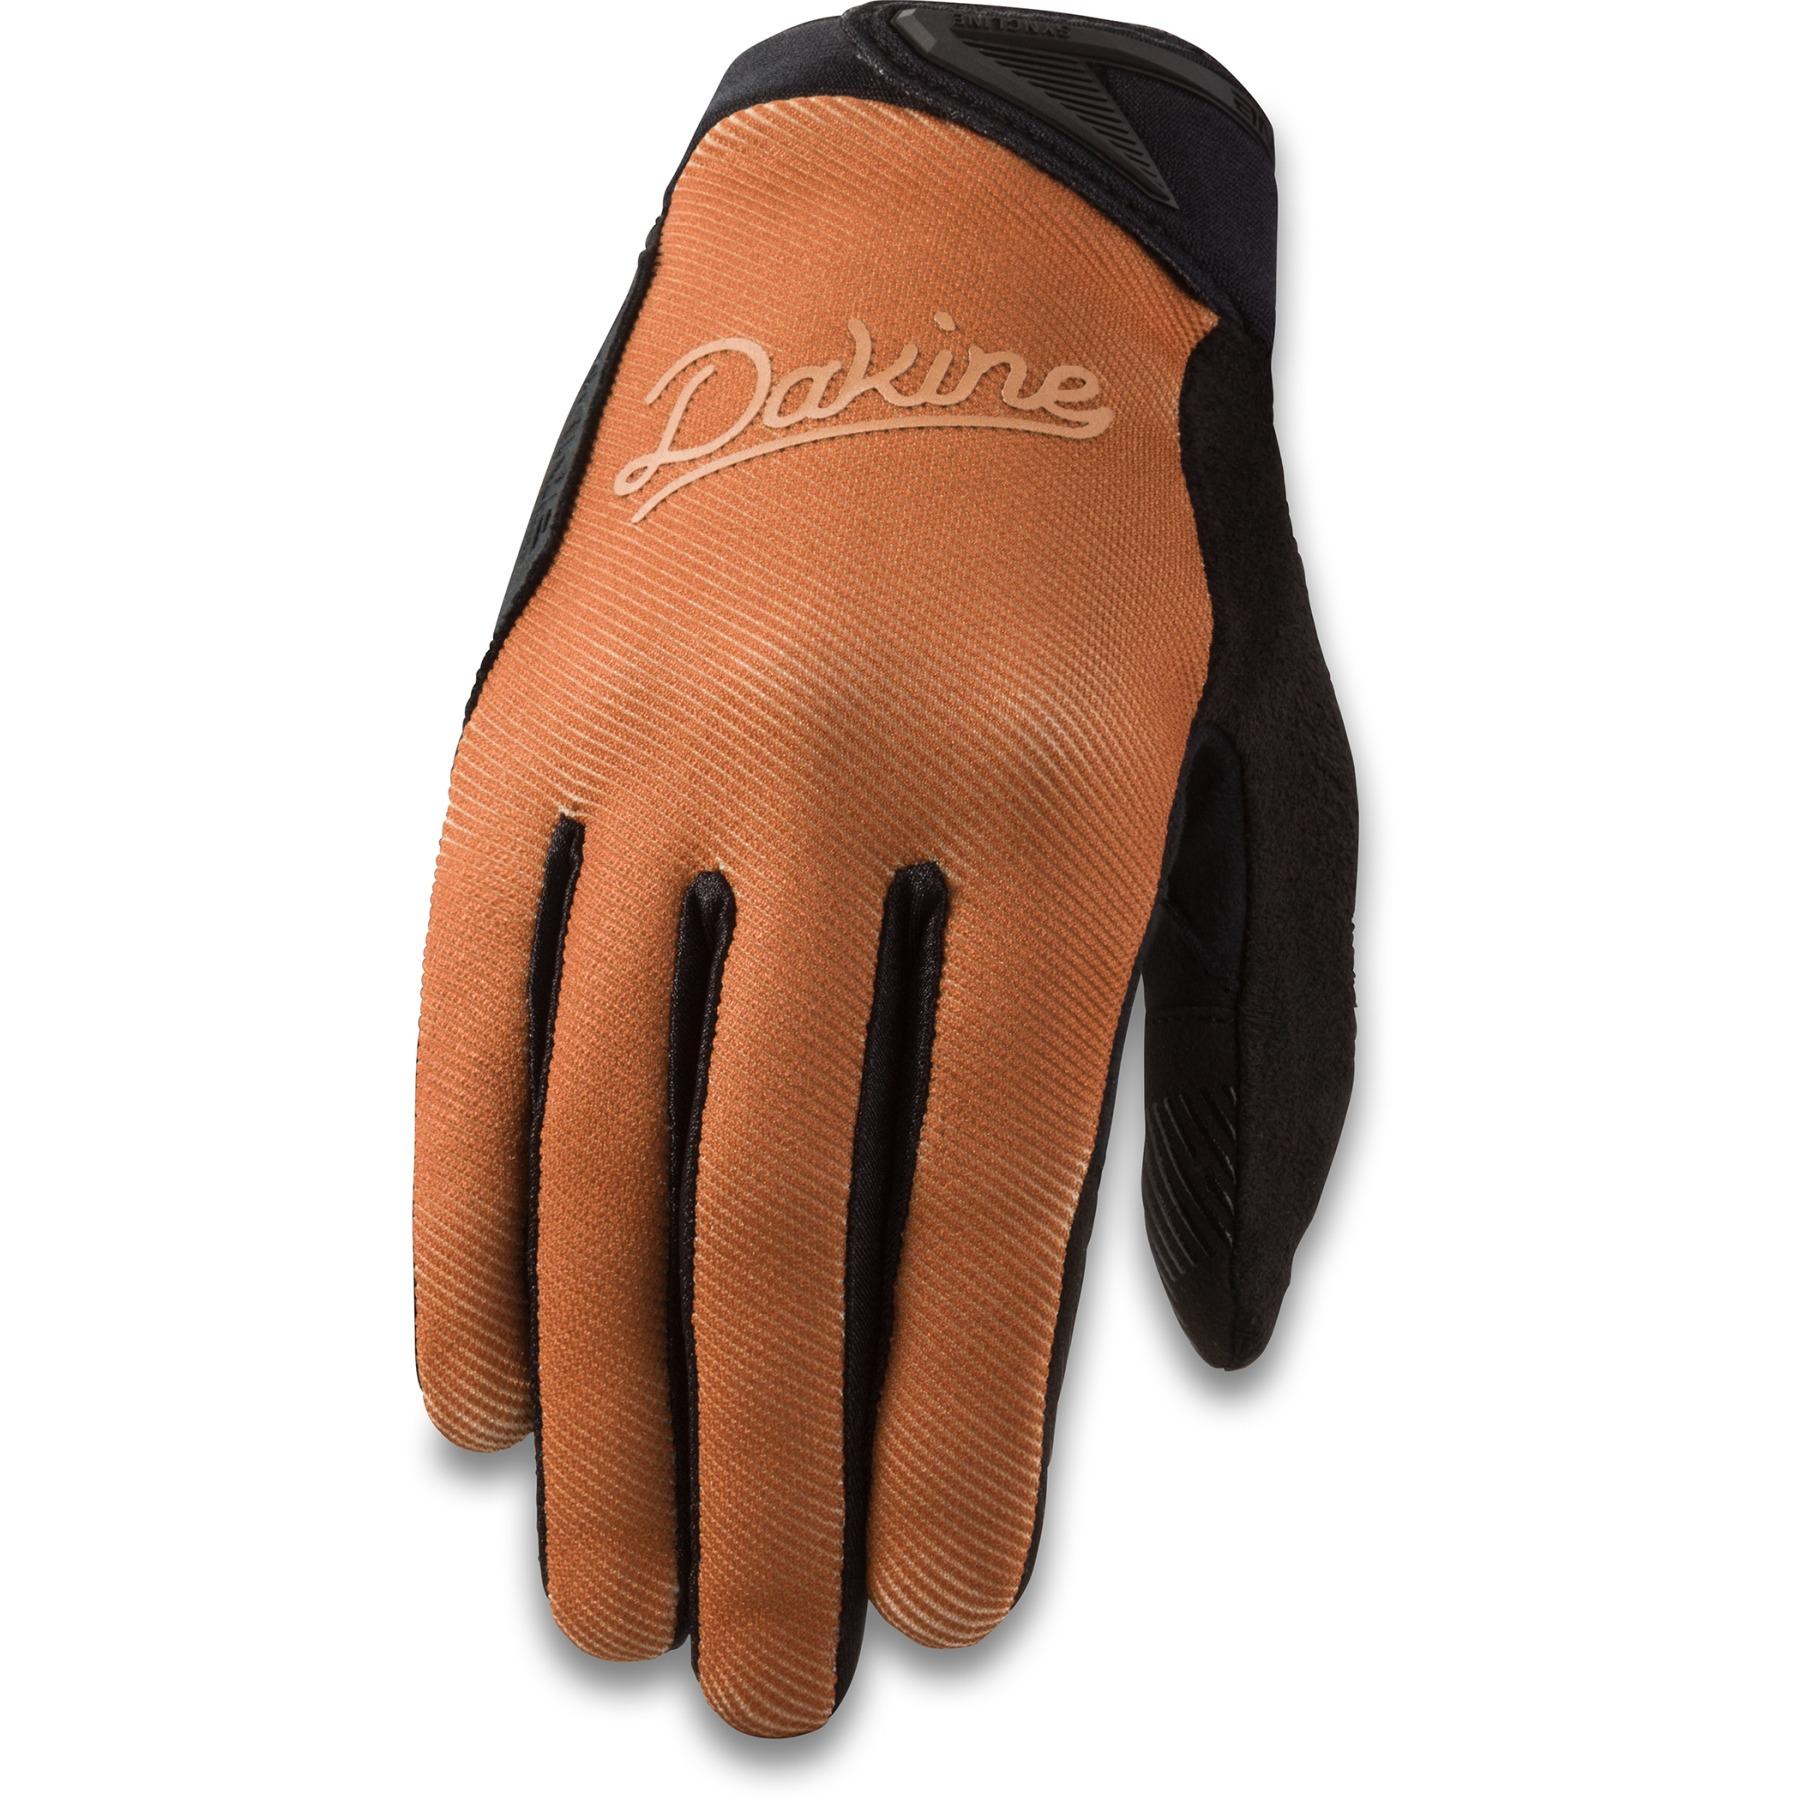 Dakine Woman's Syncline Bike Glove - sierra